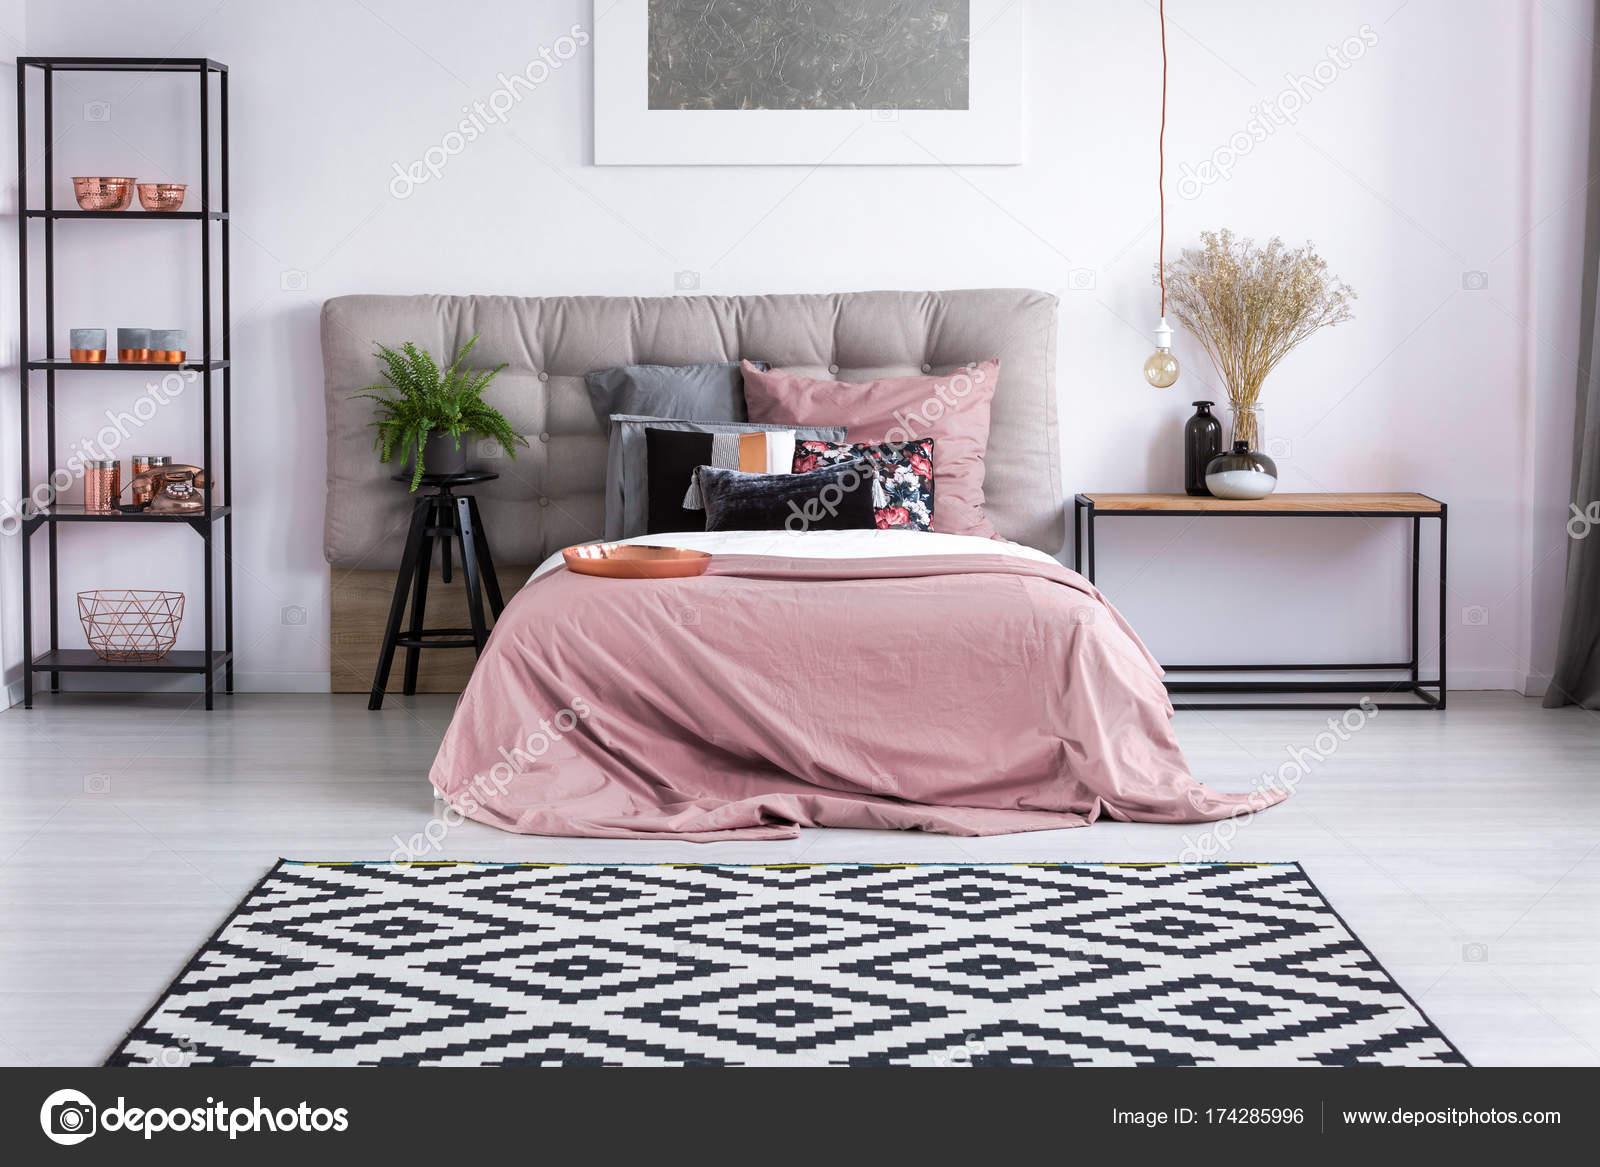 koperen accessoires in hedendaagse slaapkamer stockfoto